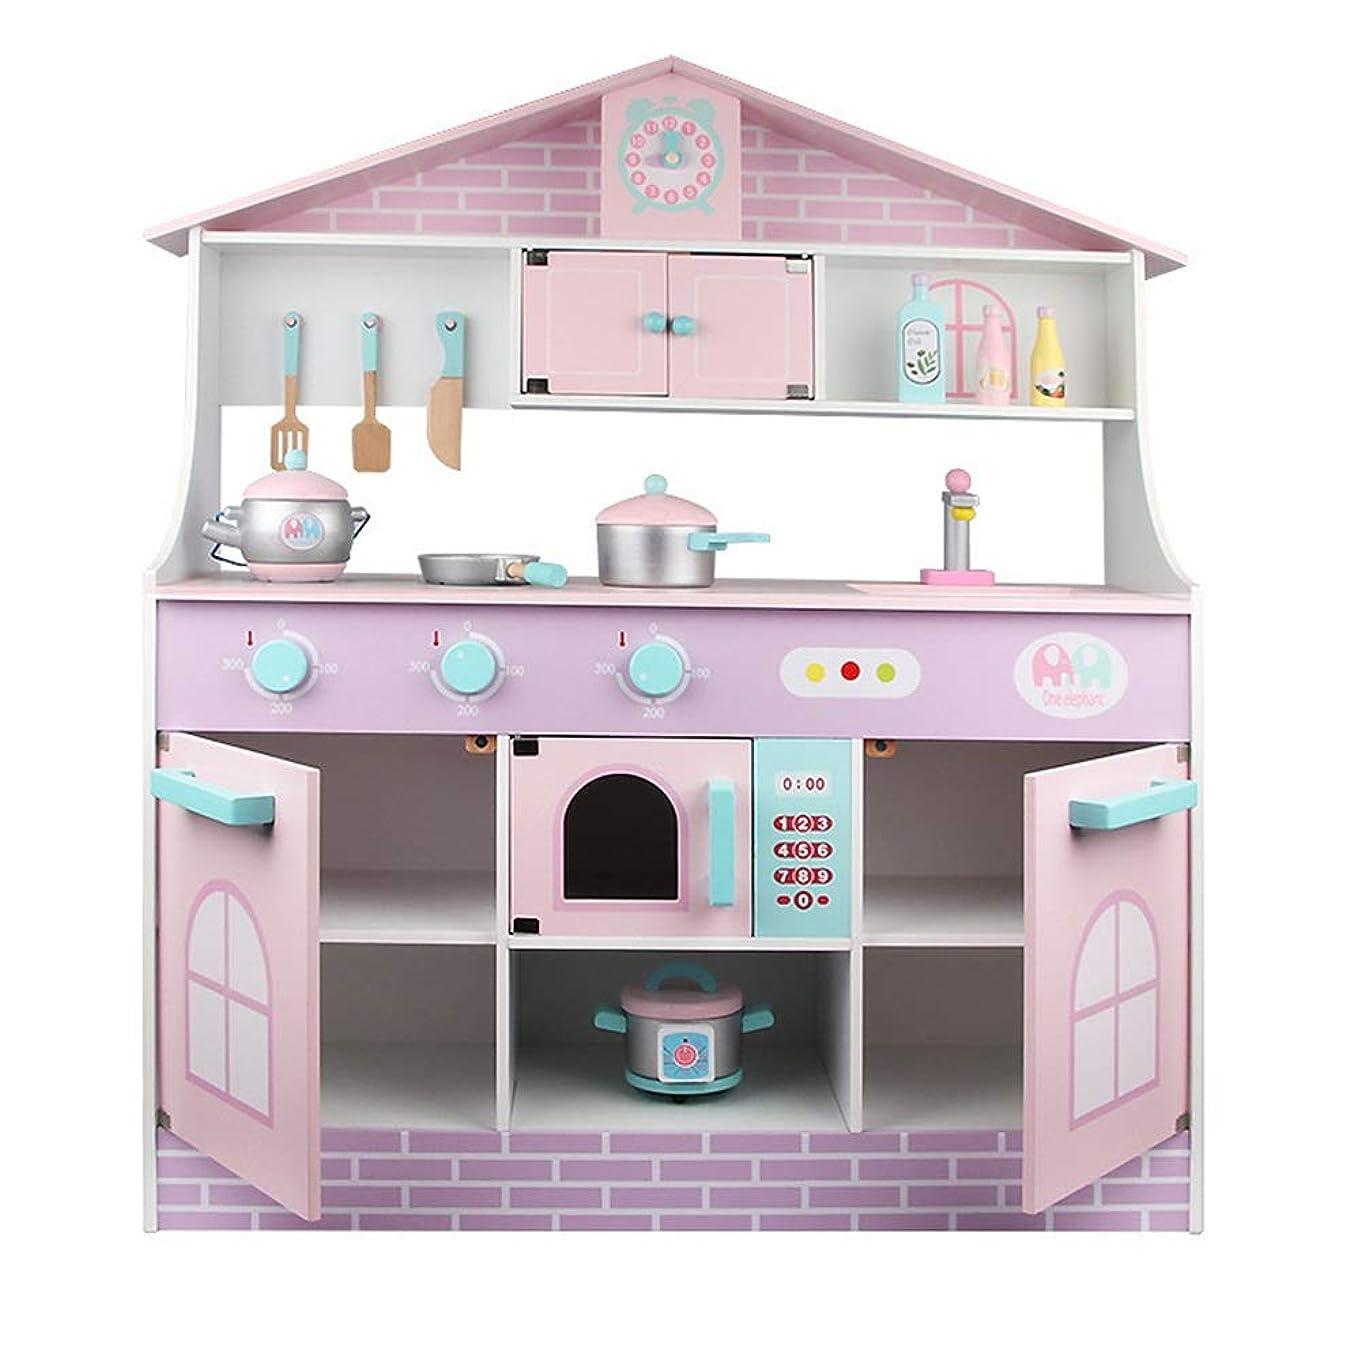 不適当引数居間就学前のキッチンセット ごっこ遊びのための幼児用キッチン、キッズキッチンPlaysetsを再生、木のおもちゃキッチンプレイセットのおもちゃ (Color : As picture, Size : 81.5x28.5x94.5cm)